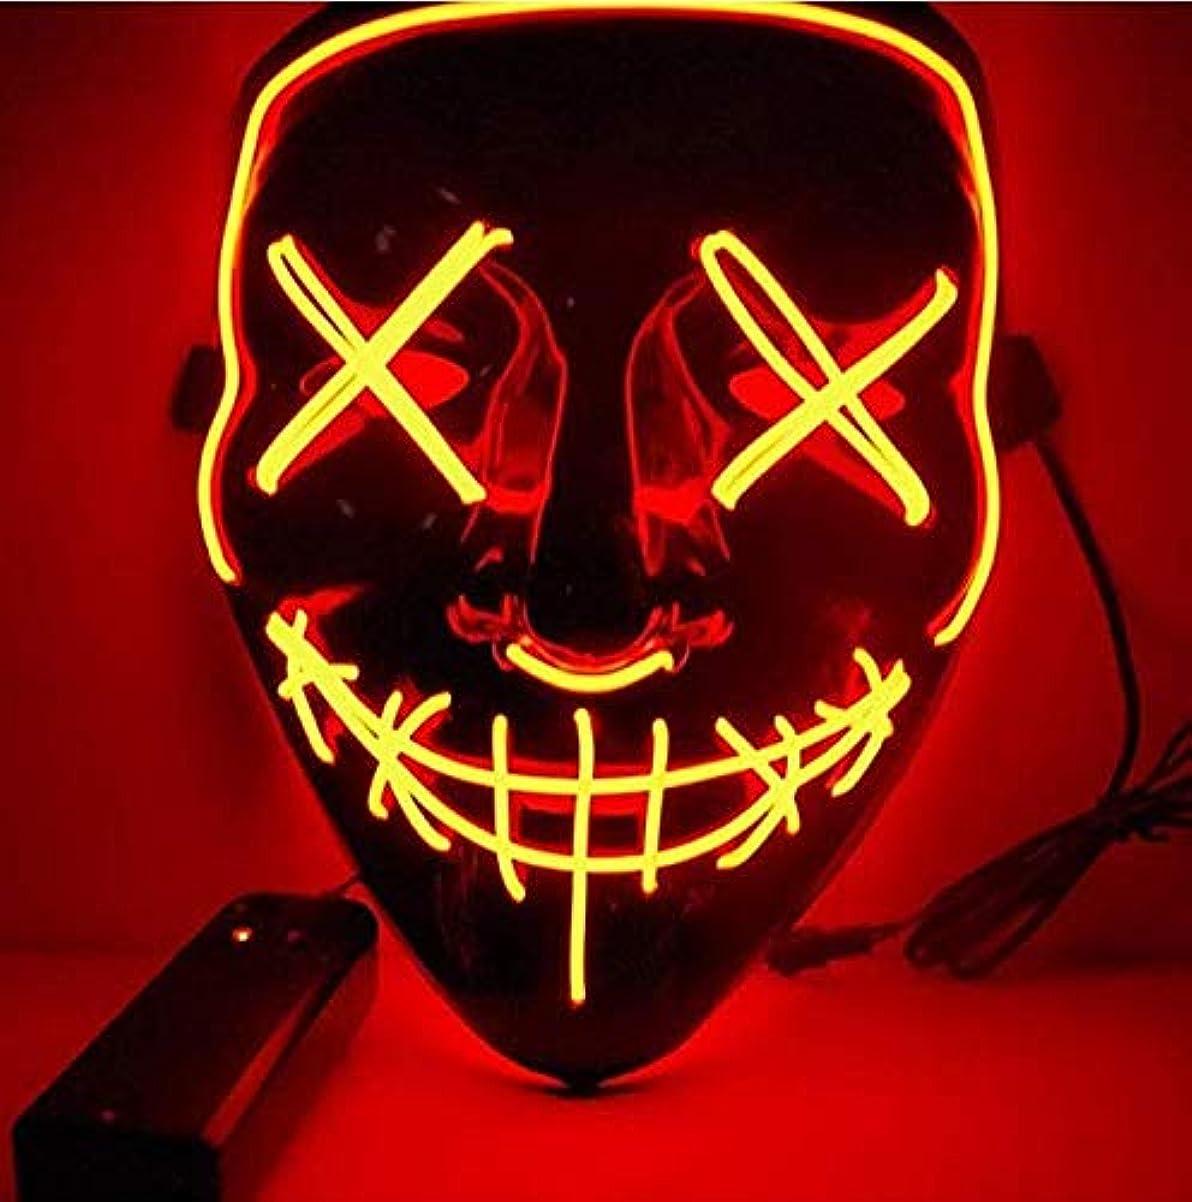 それら雑種欠陥ハロウィンマスクLEDライトアップパーティーマスクコスプレコスチュームサプライ暗闇で光る (Color : GREEN)